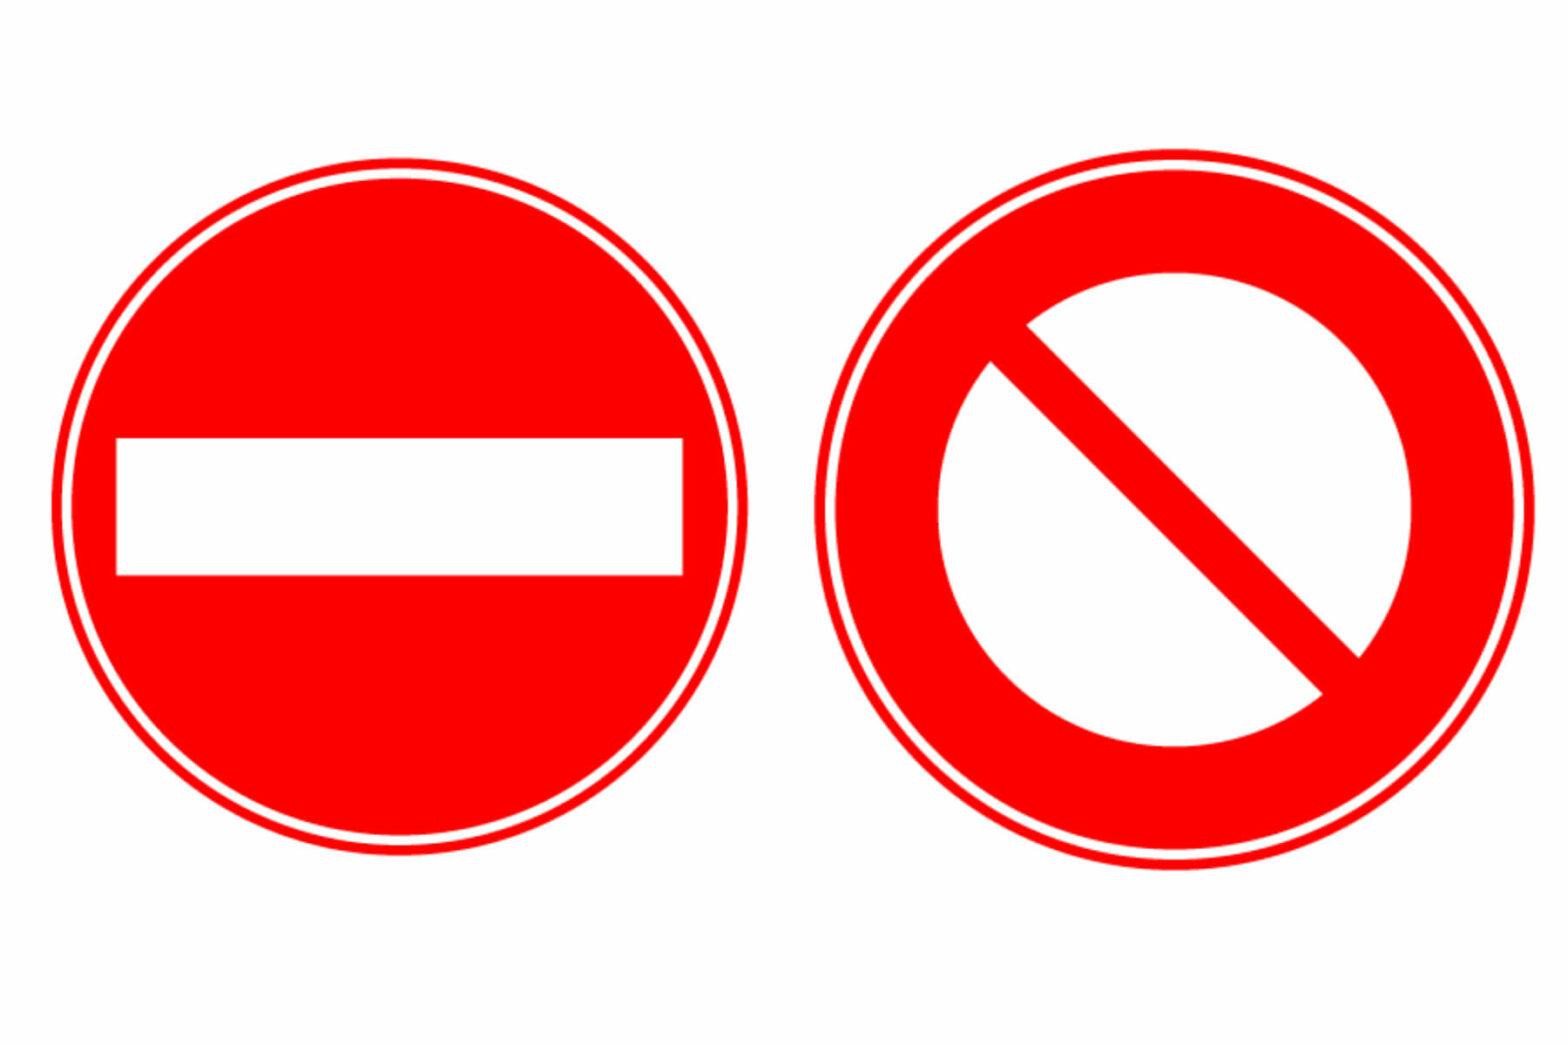 車両進入禁止と車両通行止めの違いは?意味と罰則